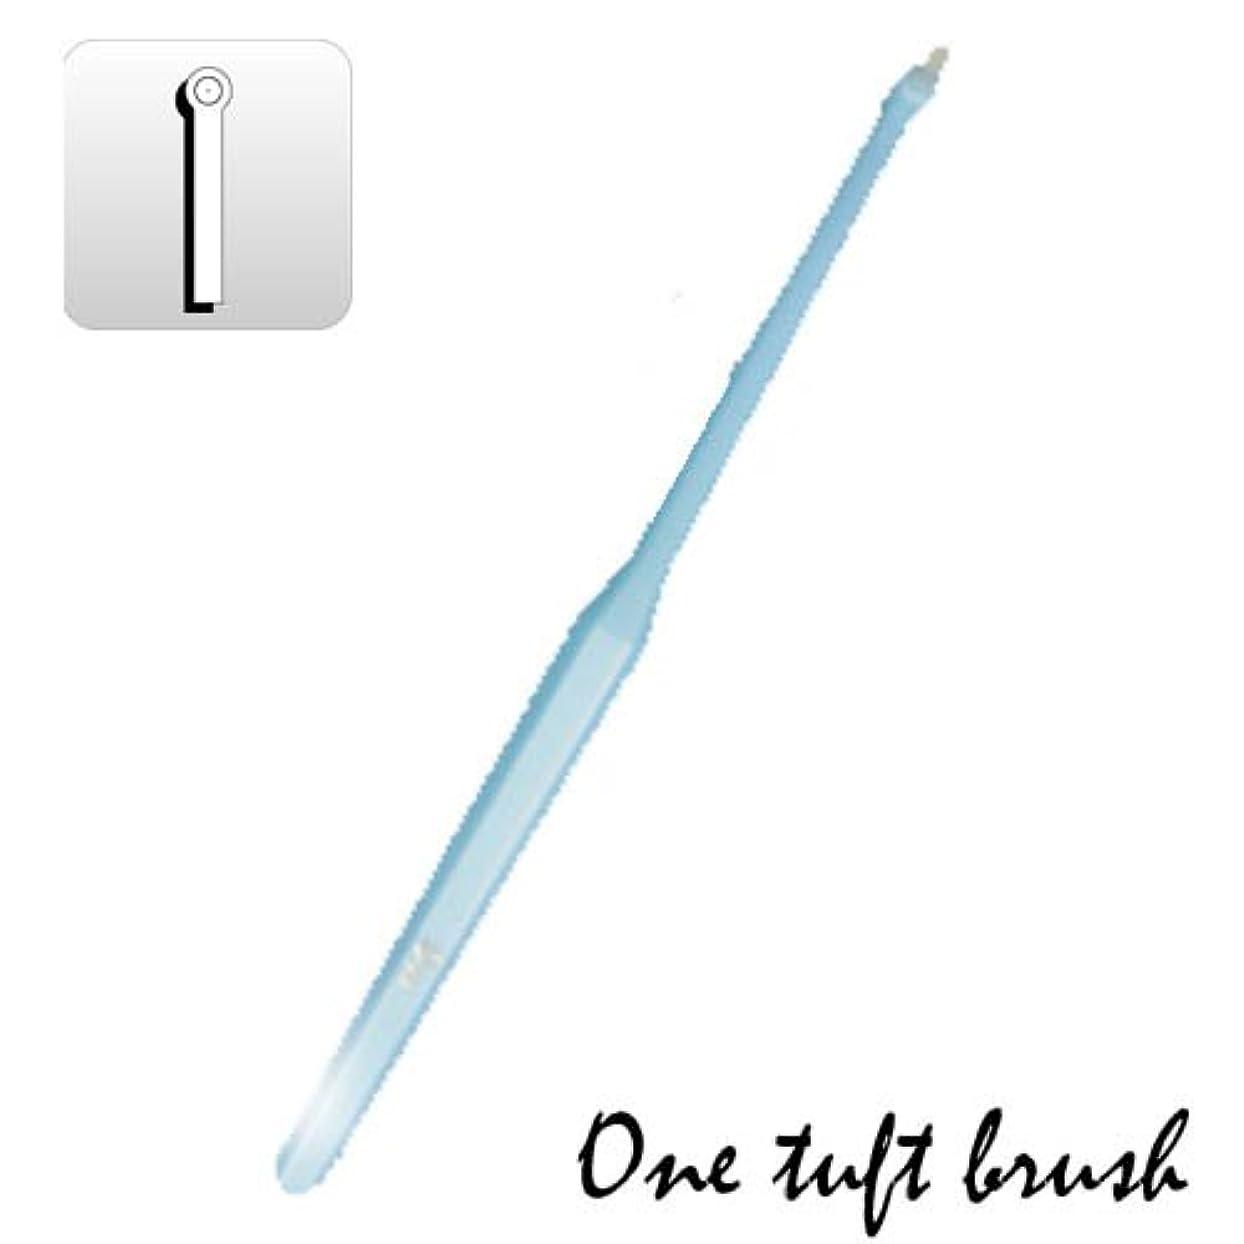 アナロジー抵抗力がある真空歯科向き 矯正中 磨きにくい部位までしっかり すっきり 【 One ワンタフト ブルー 3本セット】 歯ブラシ